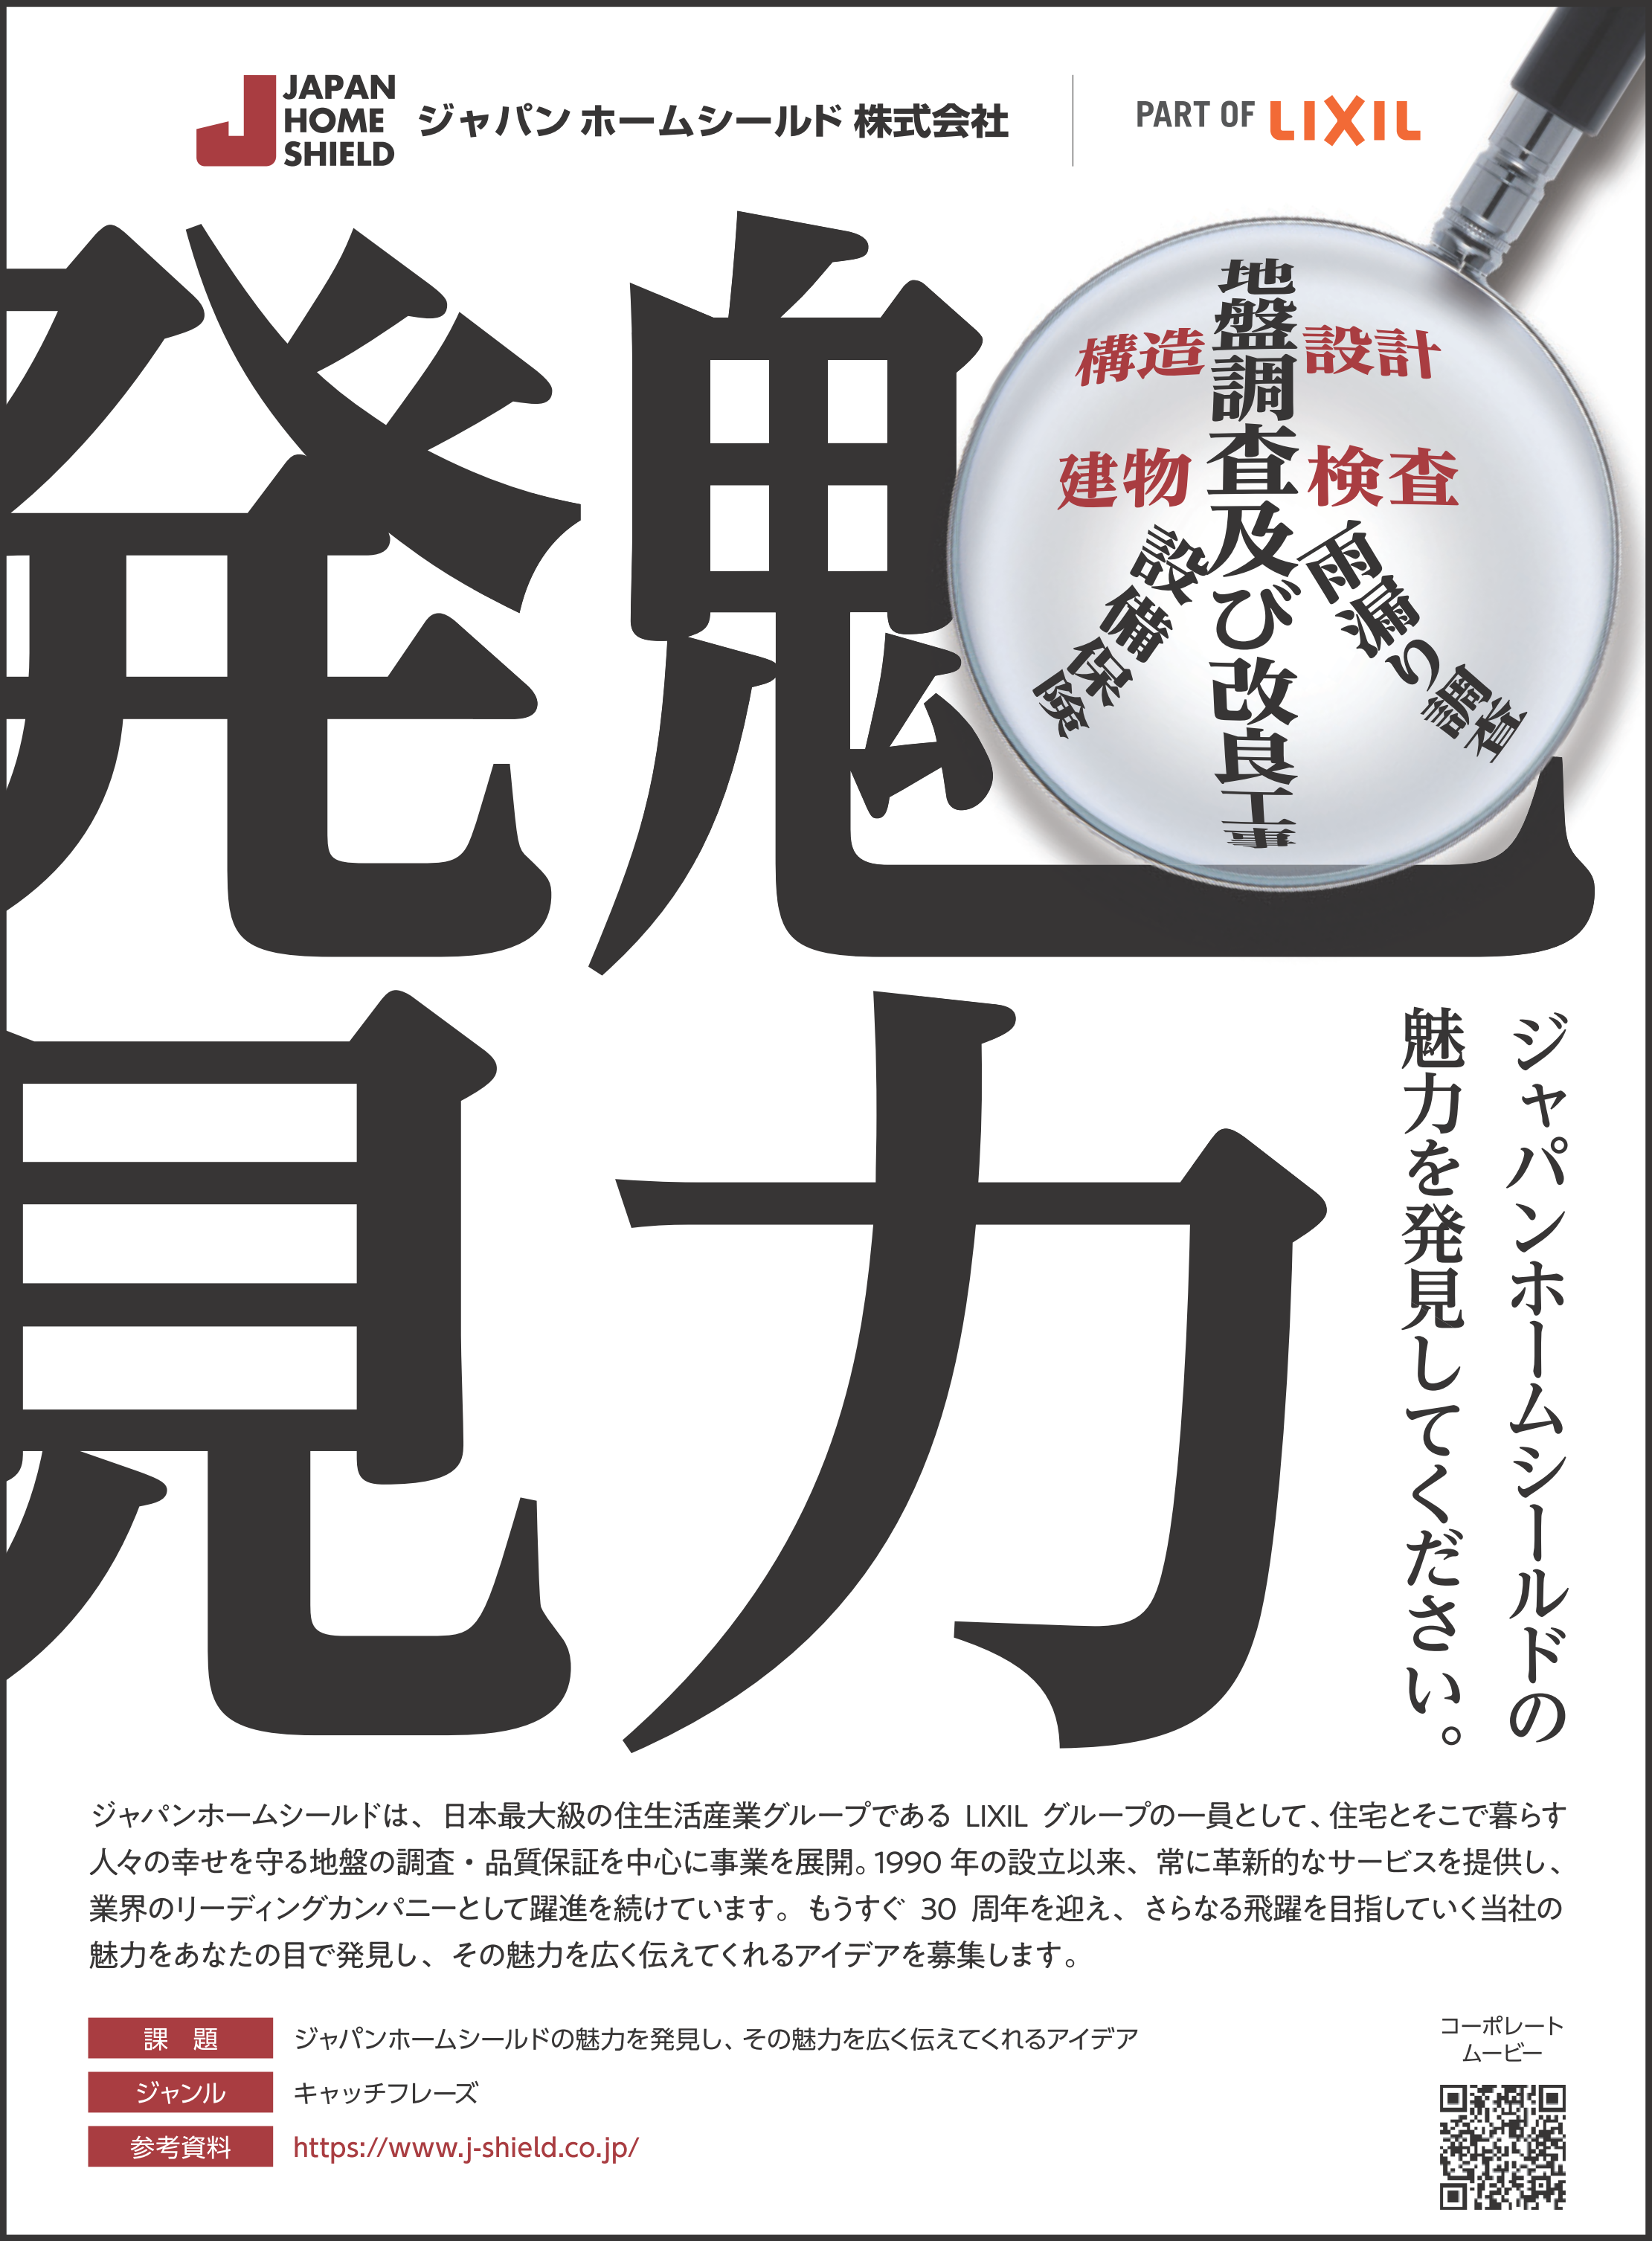 20.ジャパンホームシールド